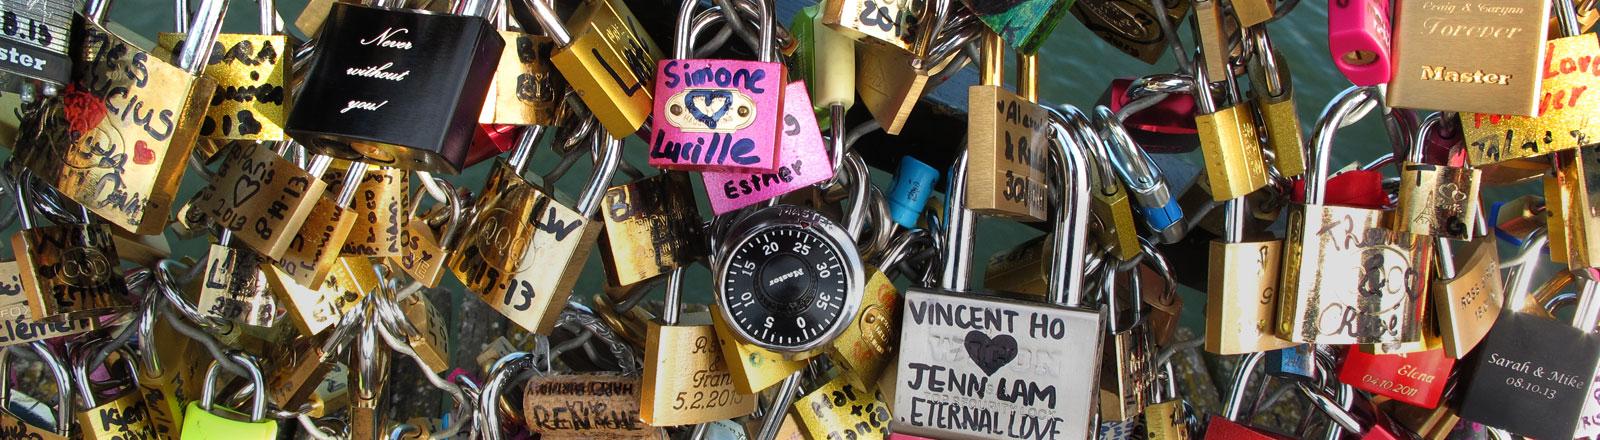 Liebesschlösser in Paris auf der Pont des Arts.